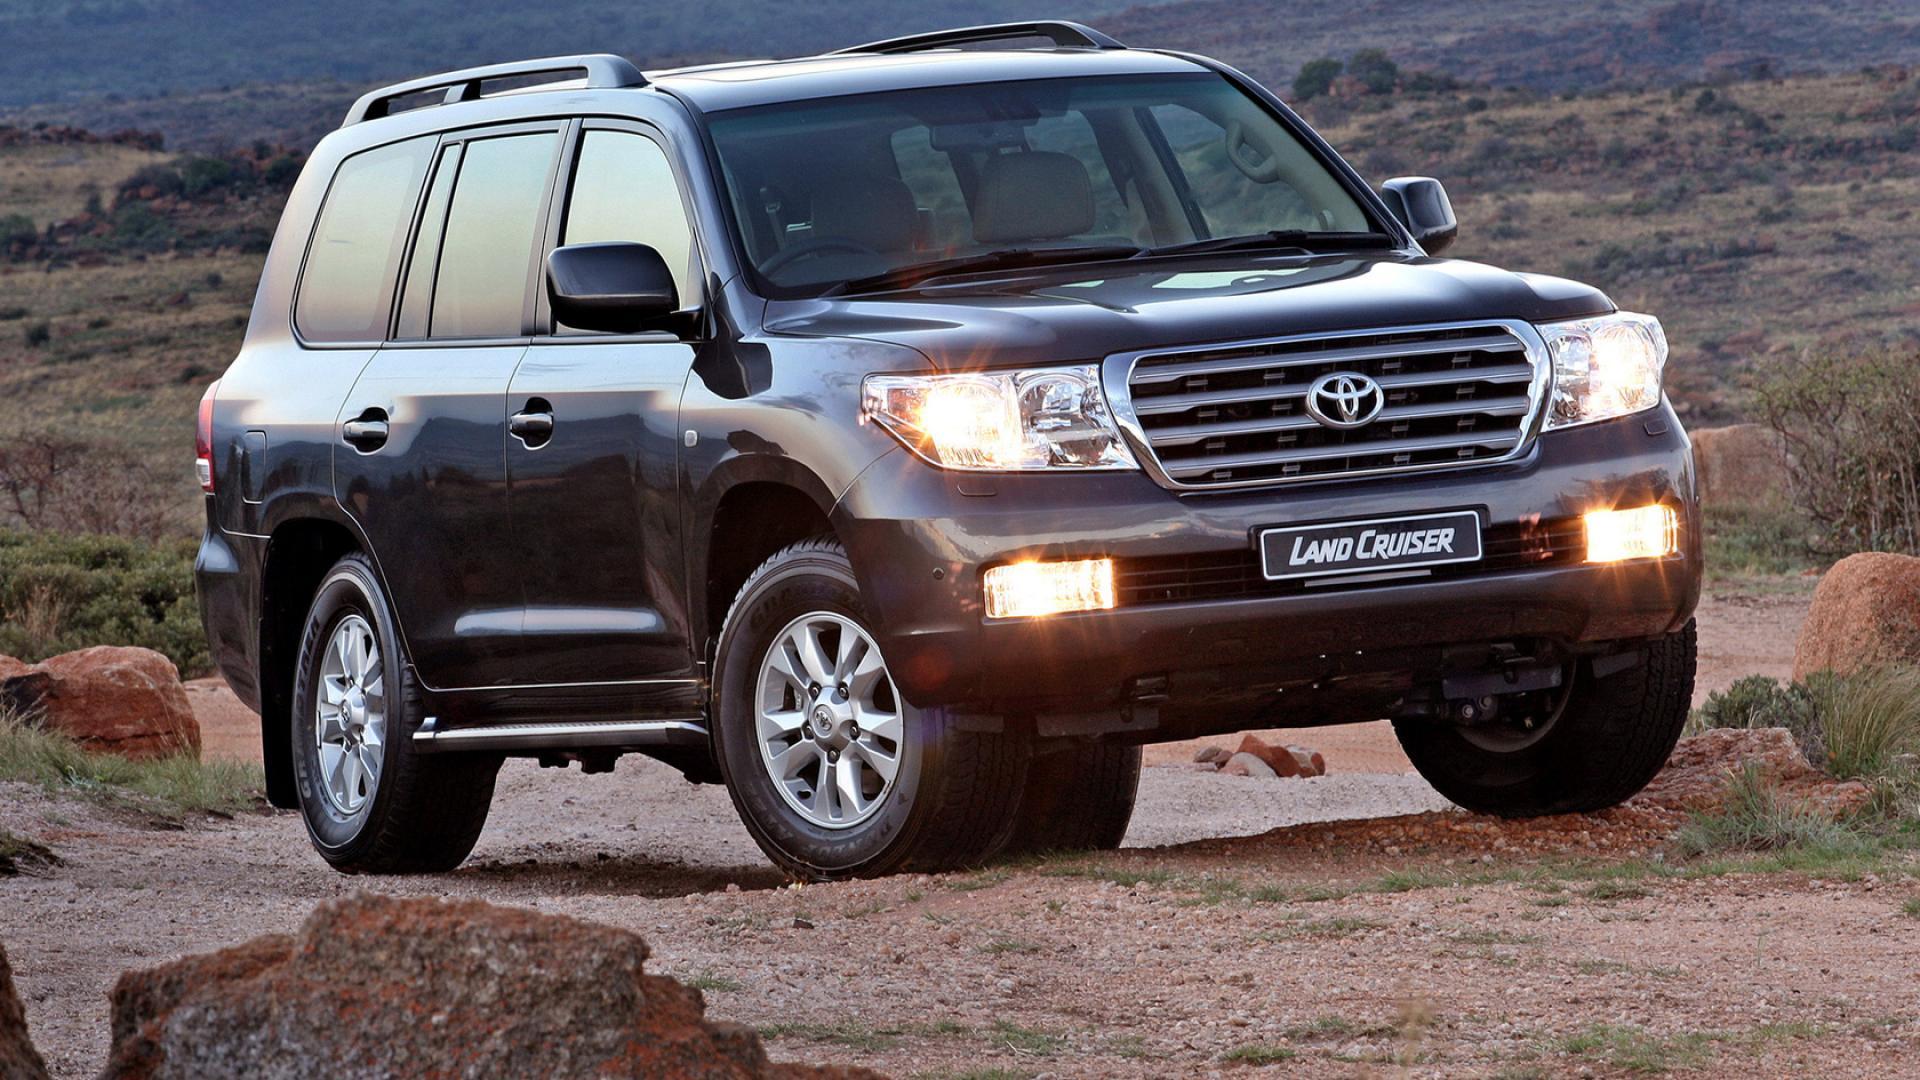 ARKAN – спасено 4 автомобиля Toyota за 3 дня в 2-х городах